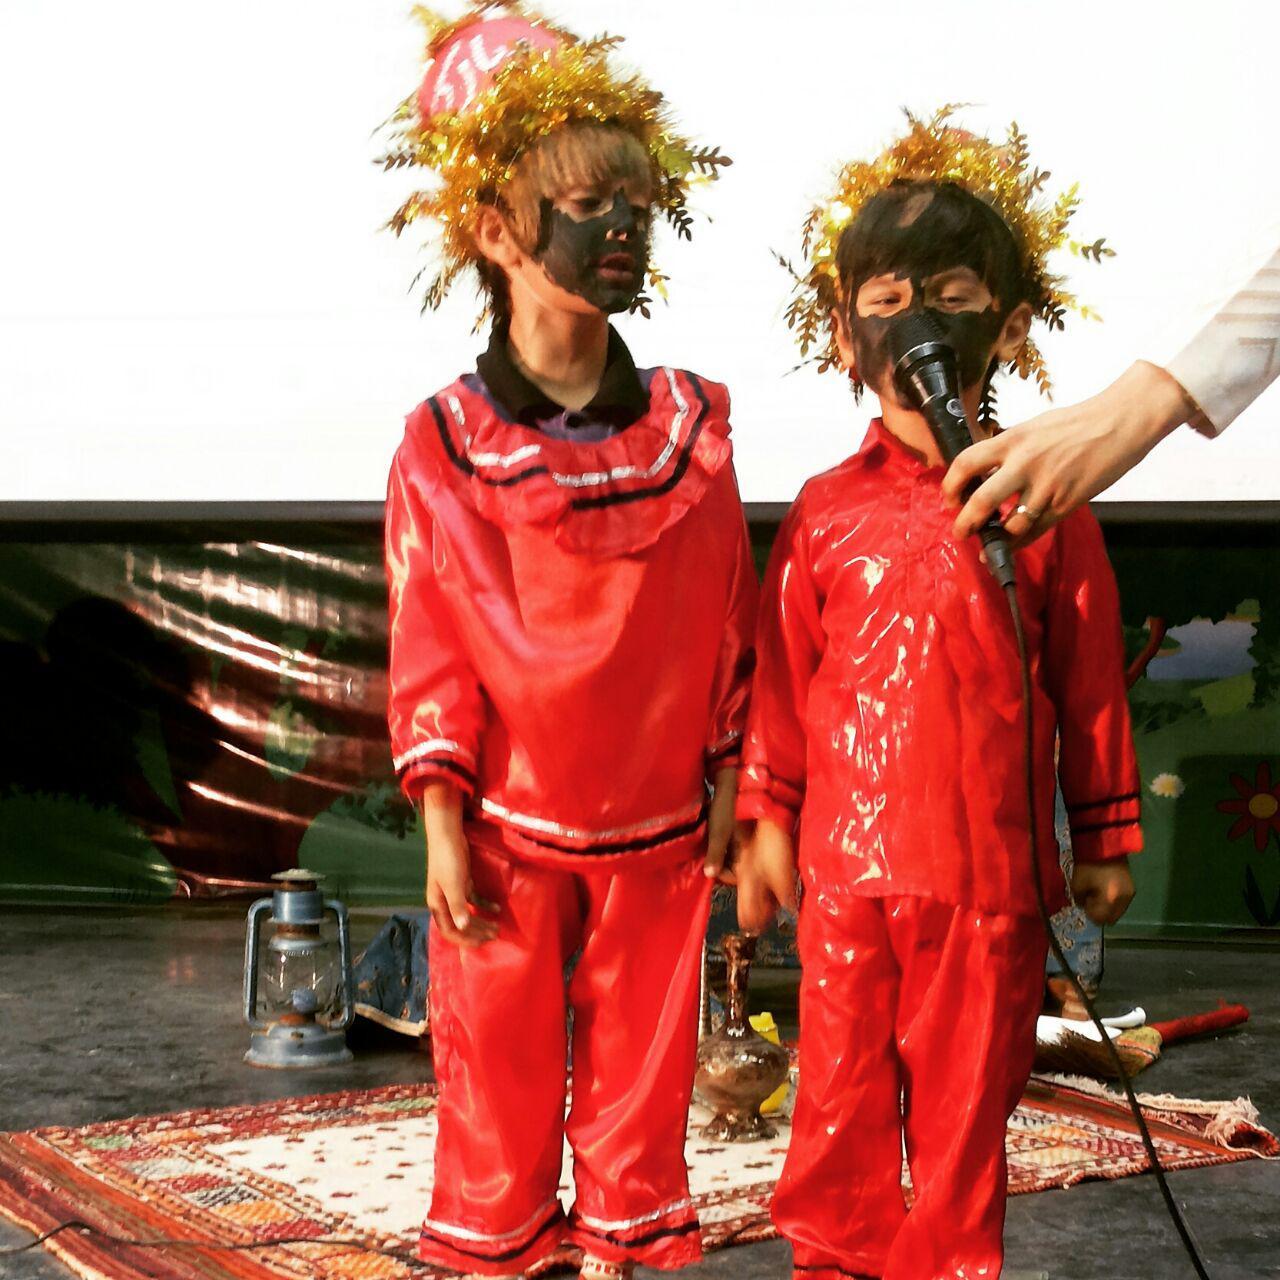 photo_2017-08-04_19-21-06 خبر خوش بچه های آسمان برای پیش دبستانی ها